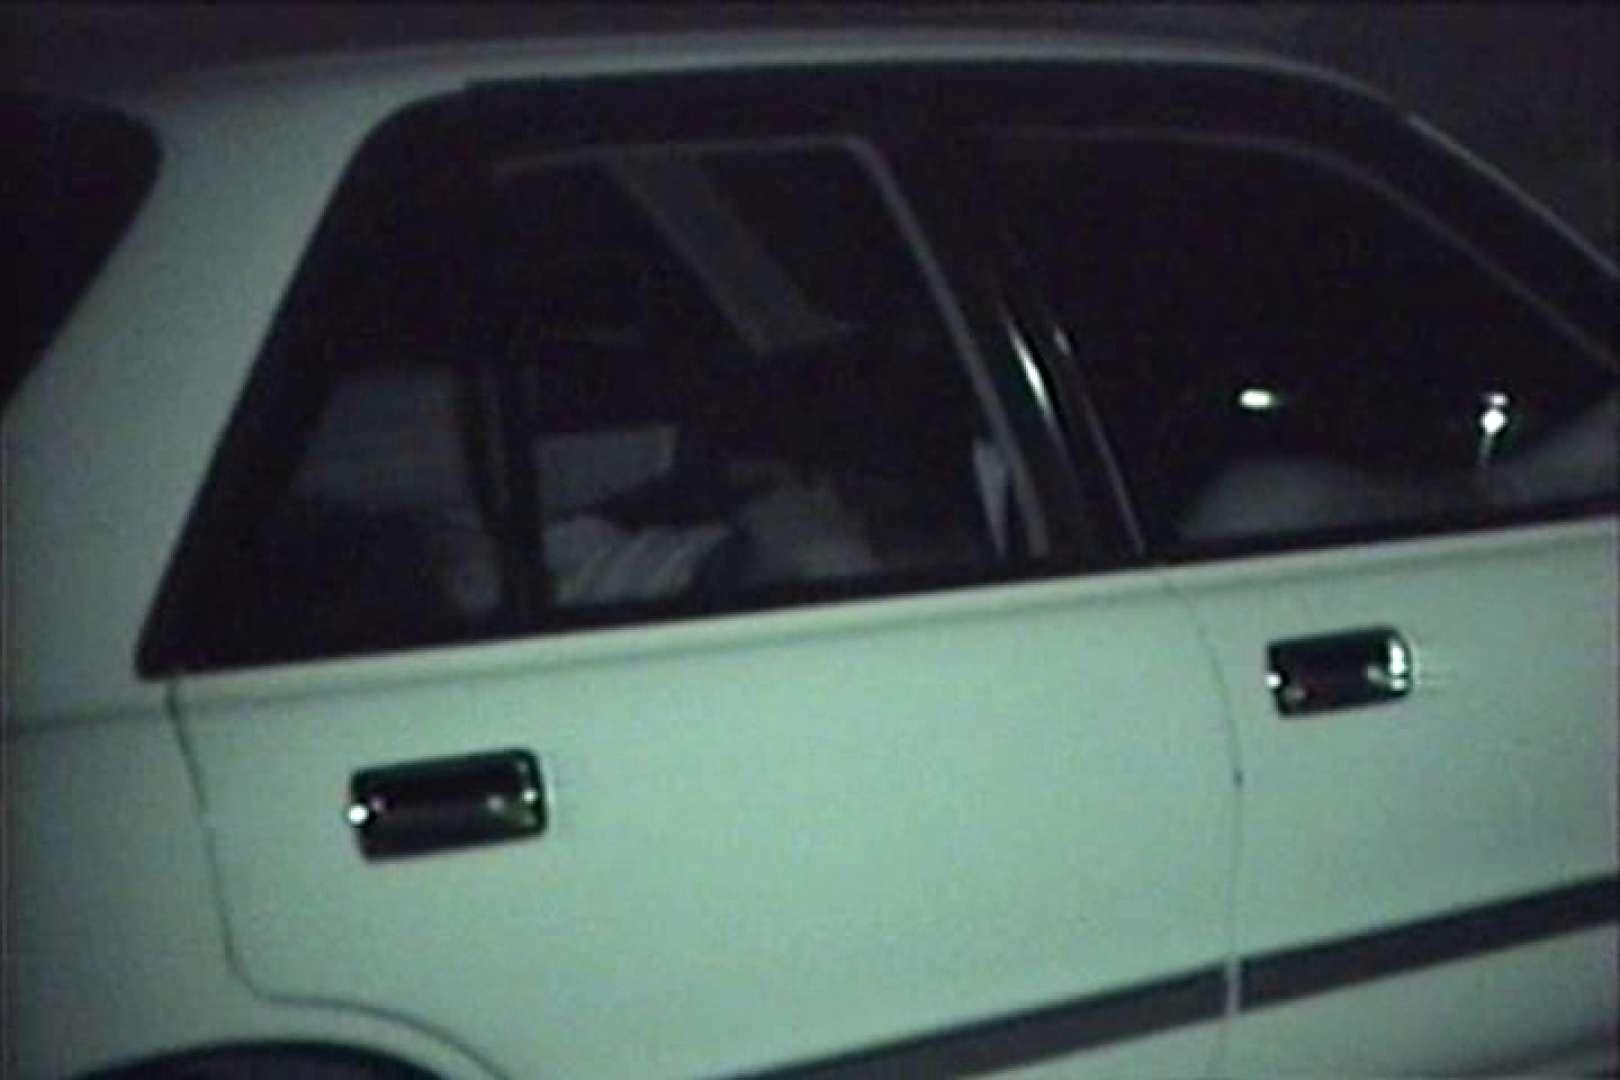 車の中はラブホテル 無修正版  Vol.18 OLの実態 覗きぱこり動画紹介 49pic 16